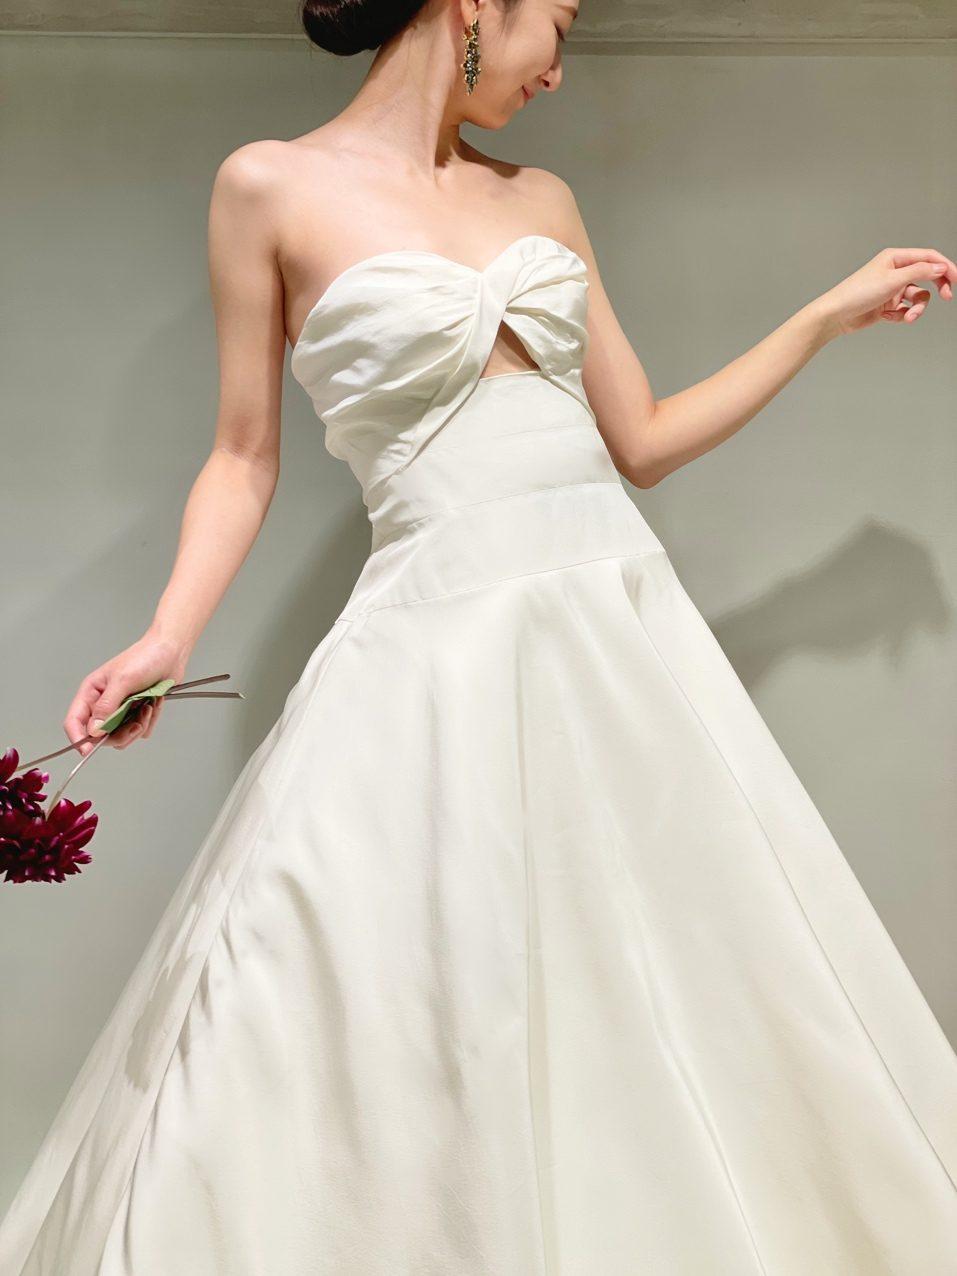 インポートドレスをセレクトしているザ・トリートドレッシング大阪店で人気のオスカー・デ・ラ・レンタのシンプルでモダンなAラインのウェディングドレス